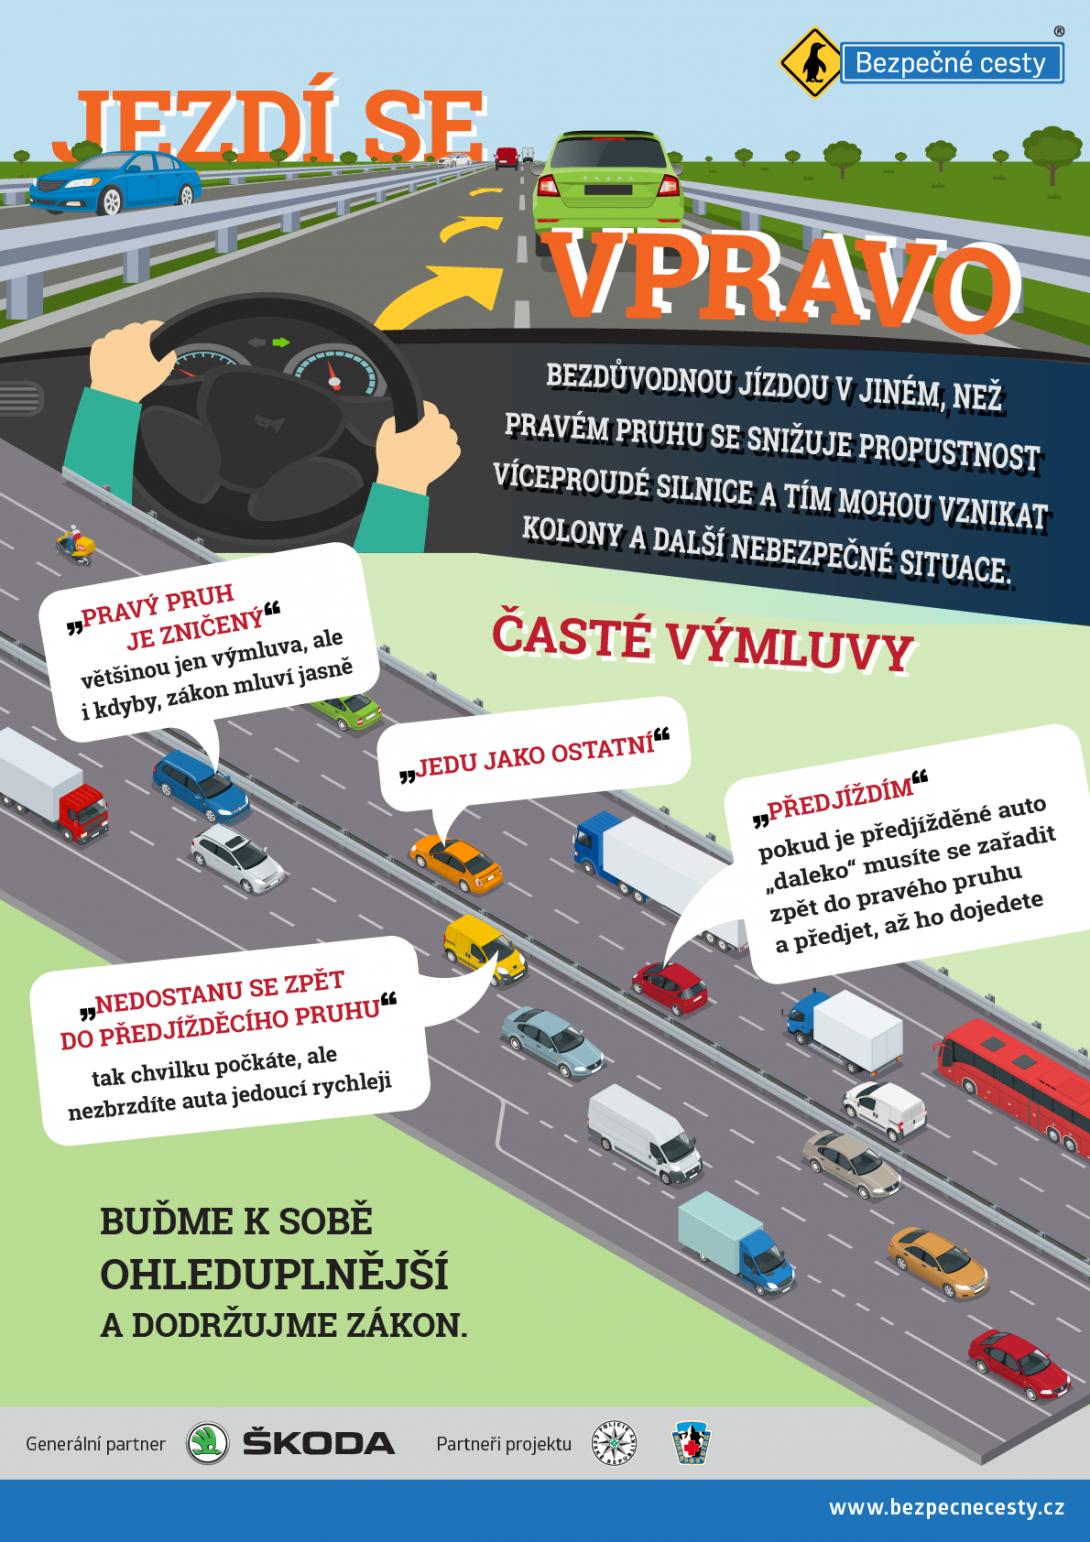 Jezdí se vpravo - infografika